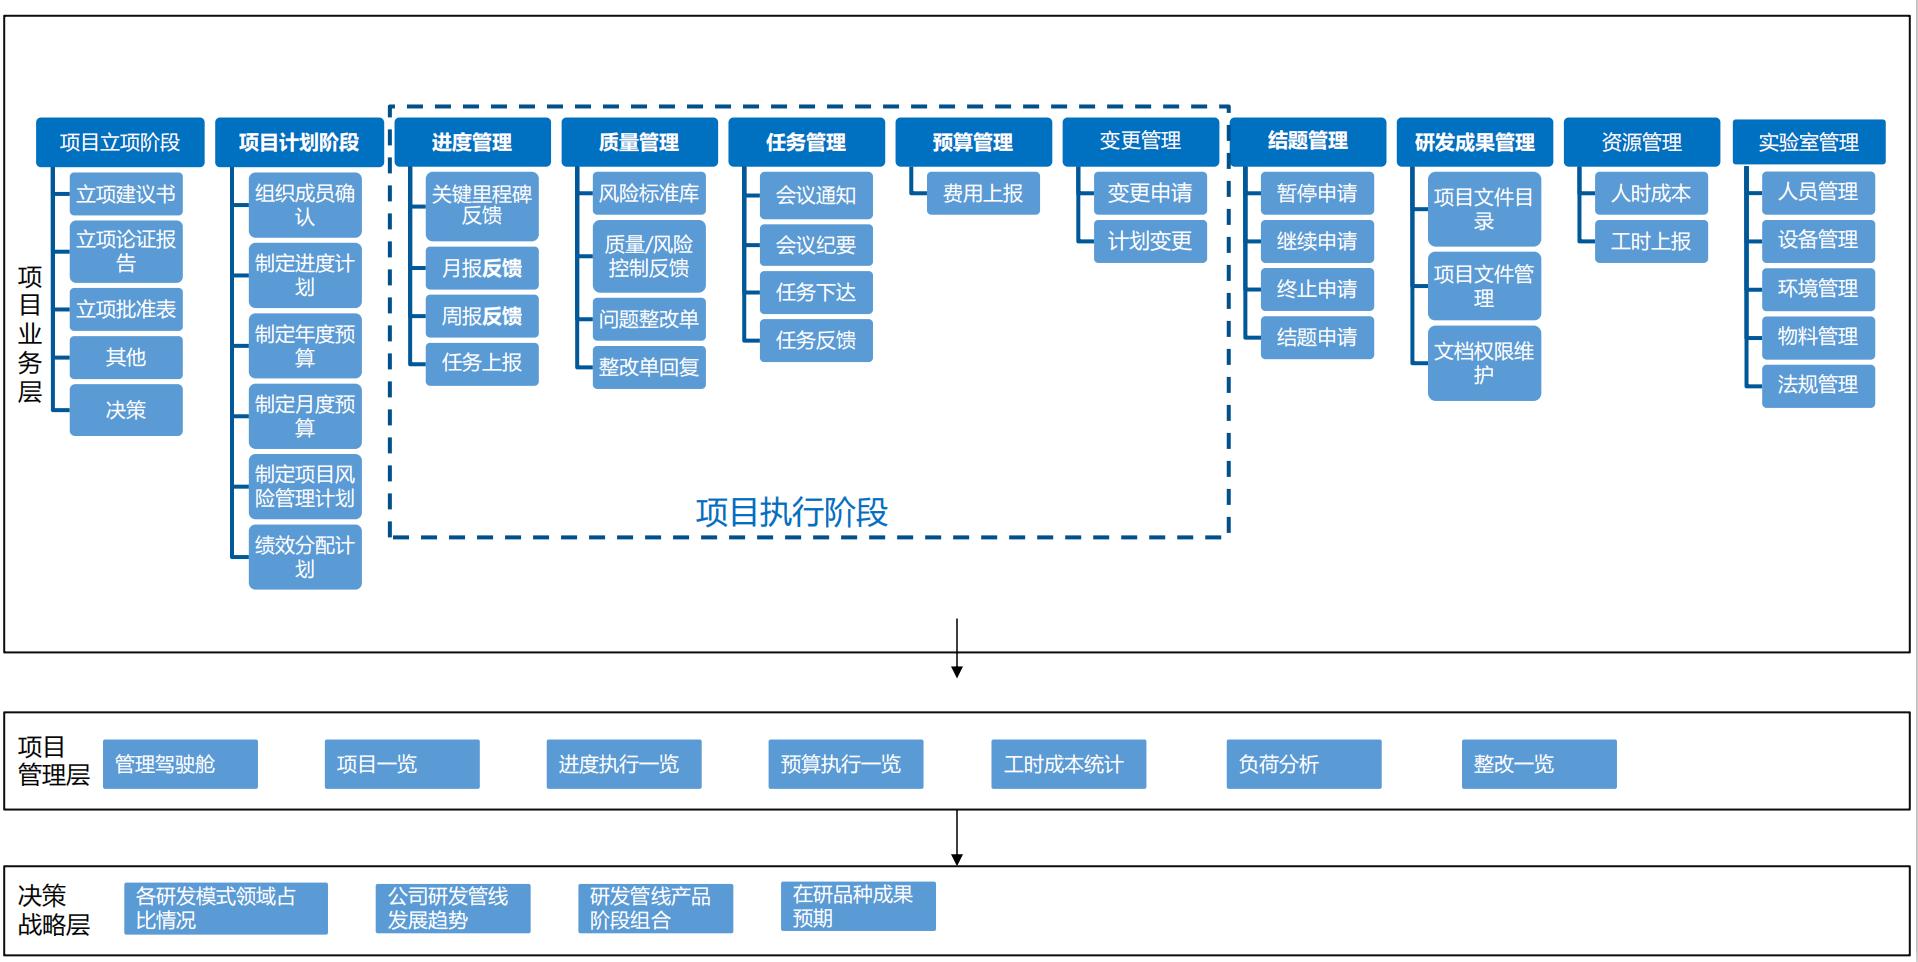 【科研项目管理】医药科研项目管理解决方案